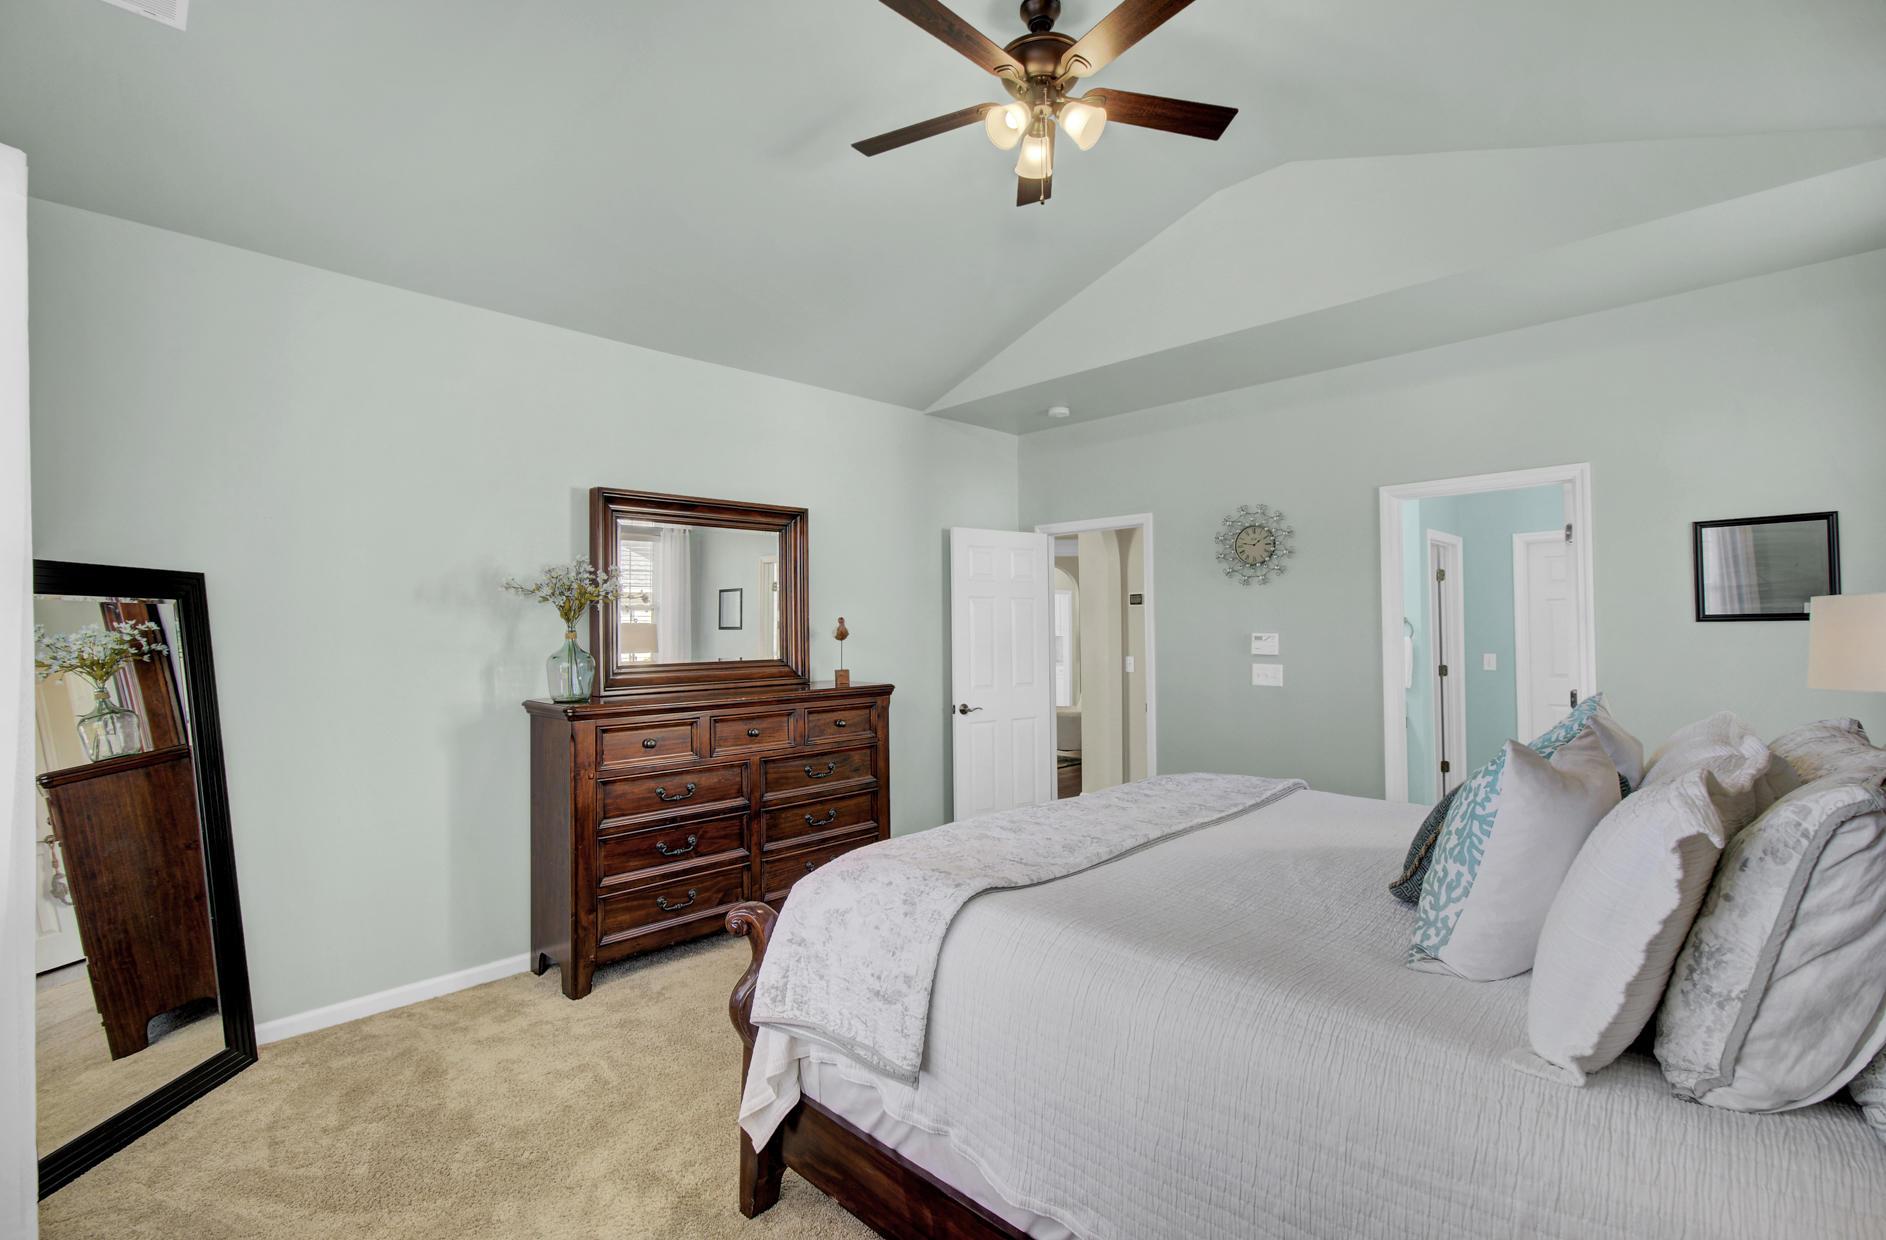 Park West Homes For Sale - 1497 Endicot, Mount Pleasant, SC - 14